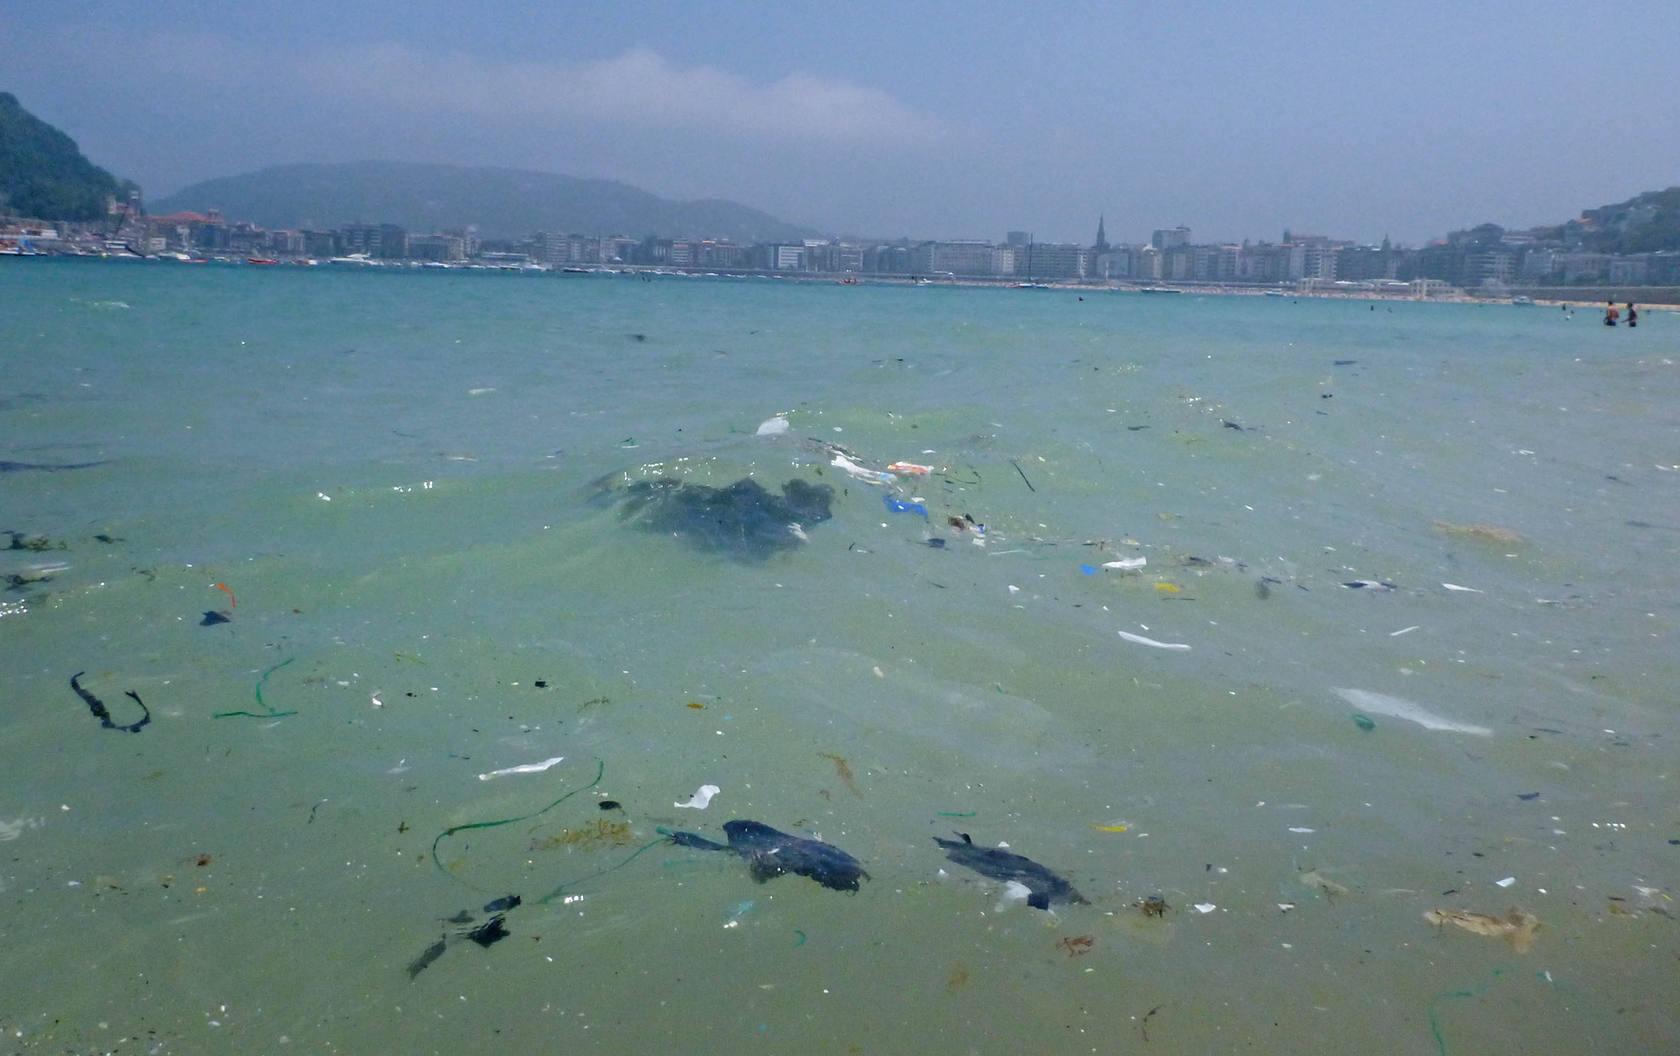 Suciedad en la bahía de La Concha